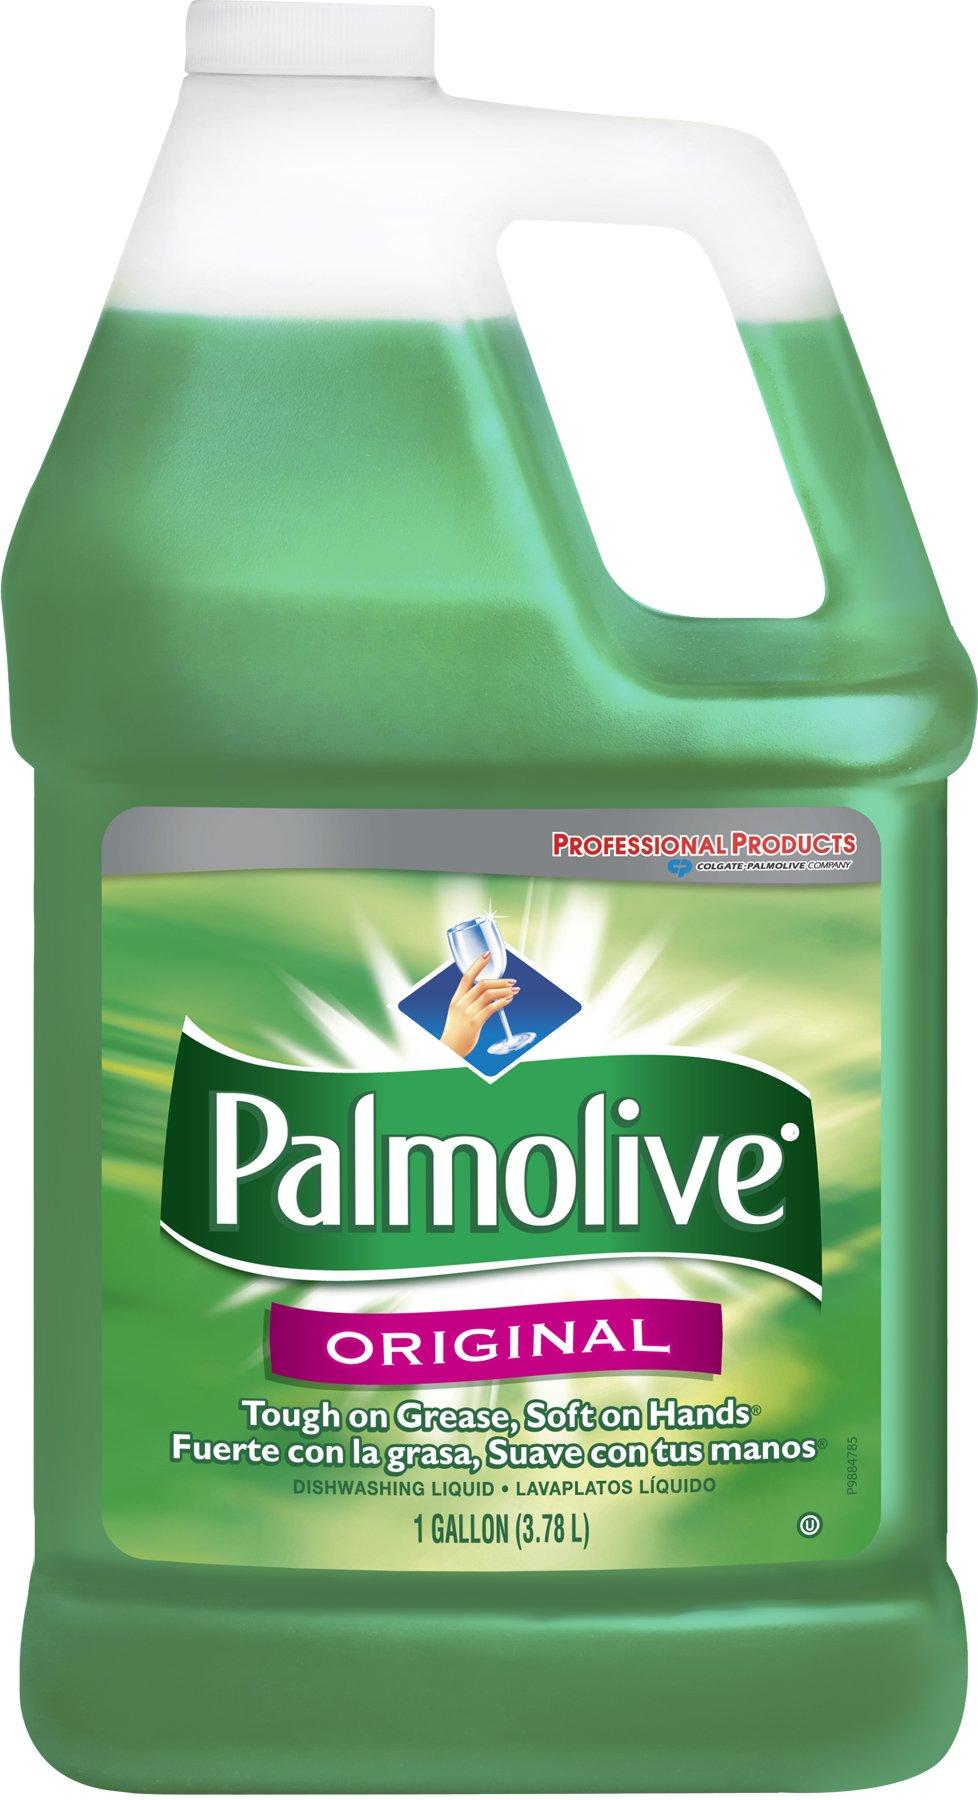 Palmolive 04910 Dishwashing Liquid, 1 gallon Bottle